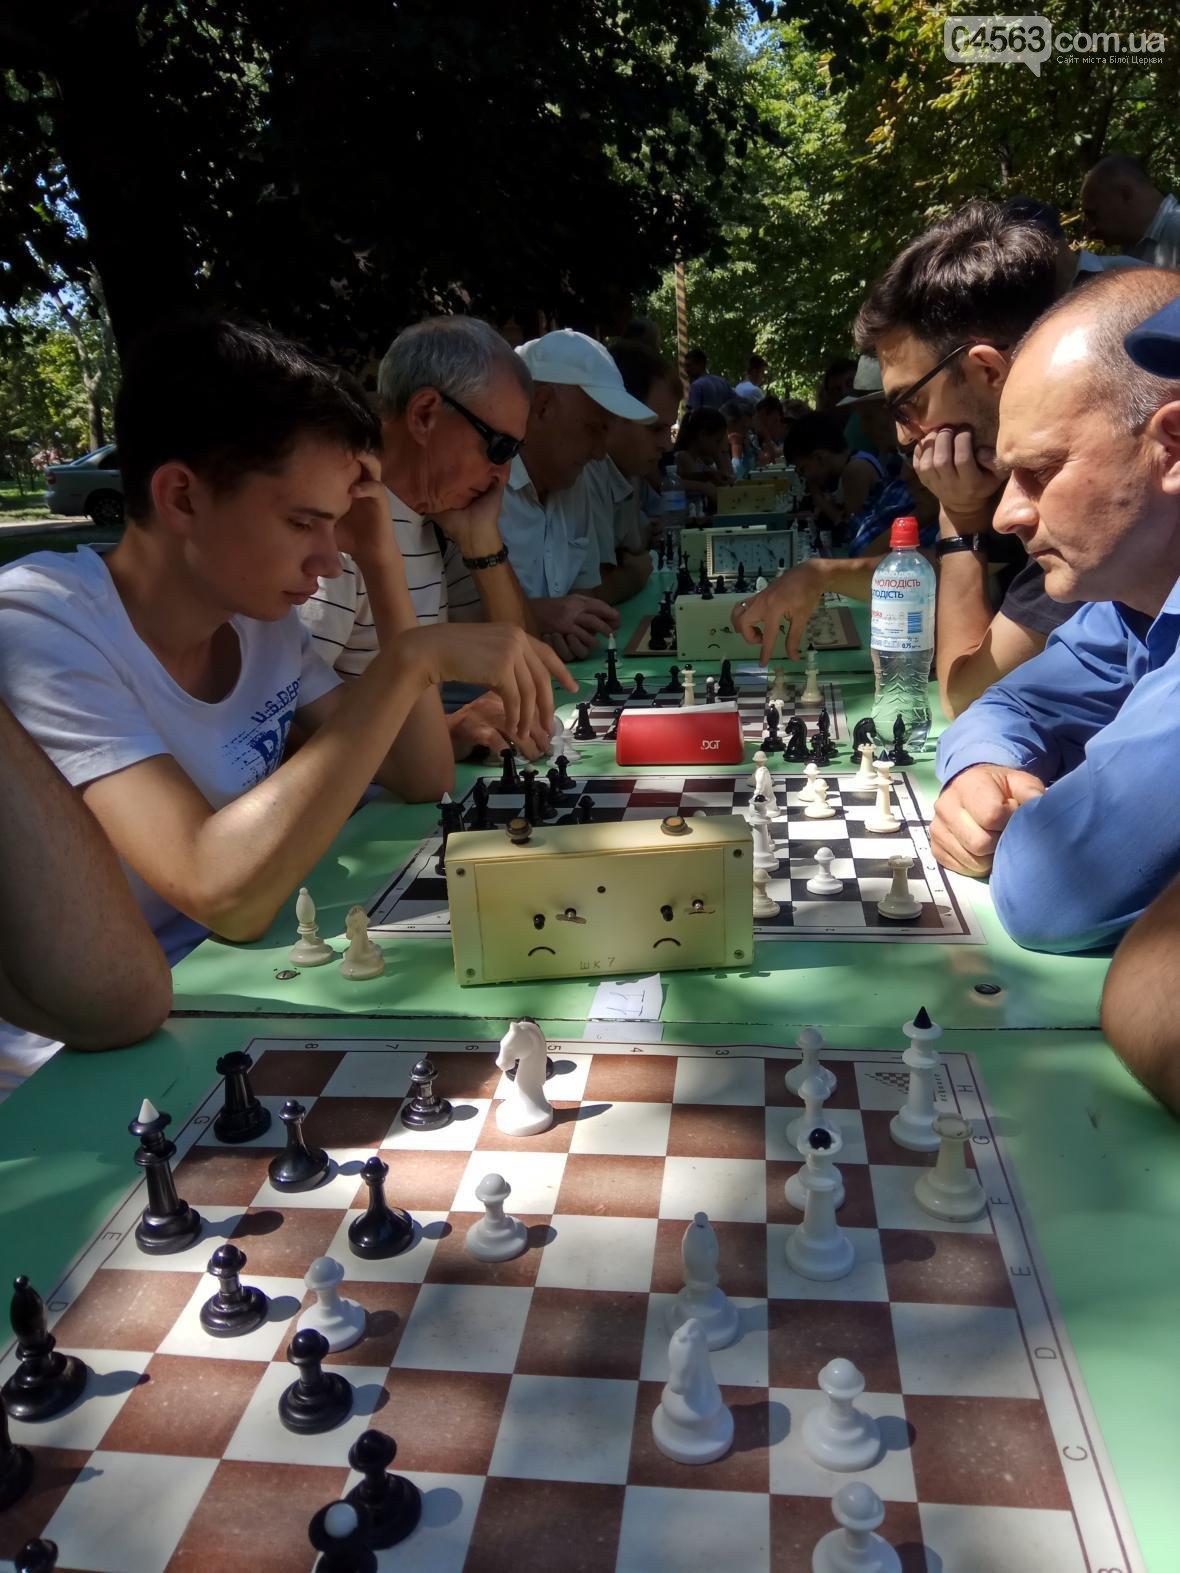 Білоцерківські шахісти вимагають встановити у парку ім. Шевченка шахові столи, фото-1